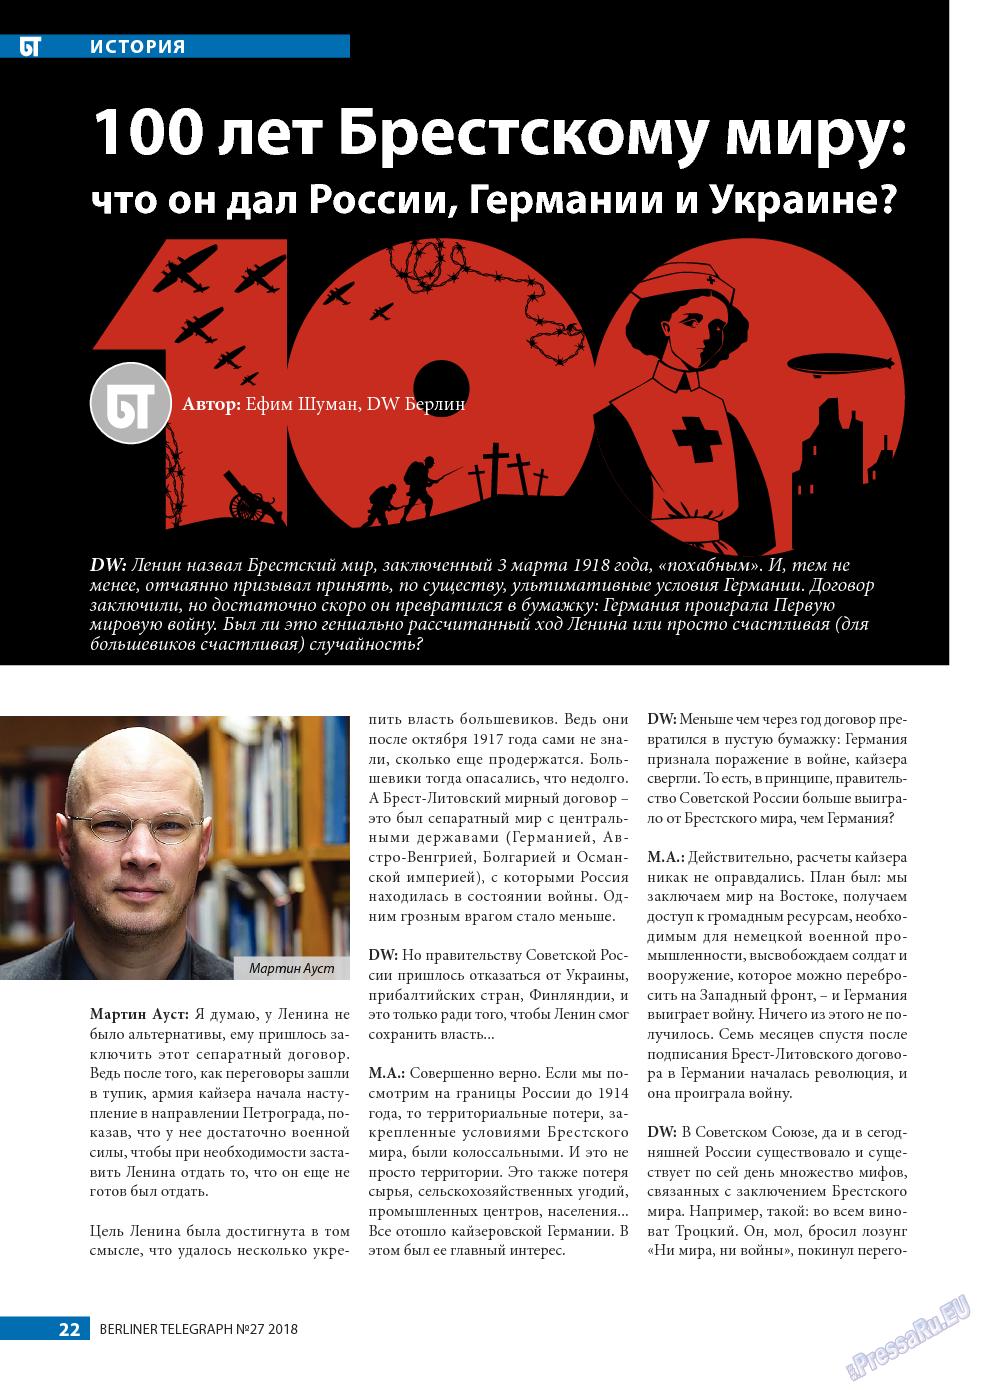 Берлинский телеграф (журнал). 2018 год, номер 27, стр. 22